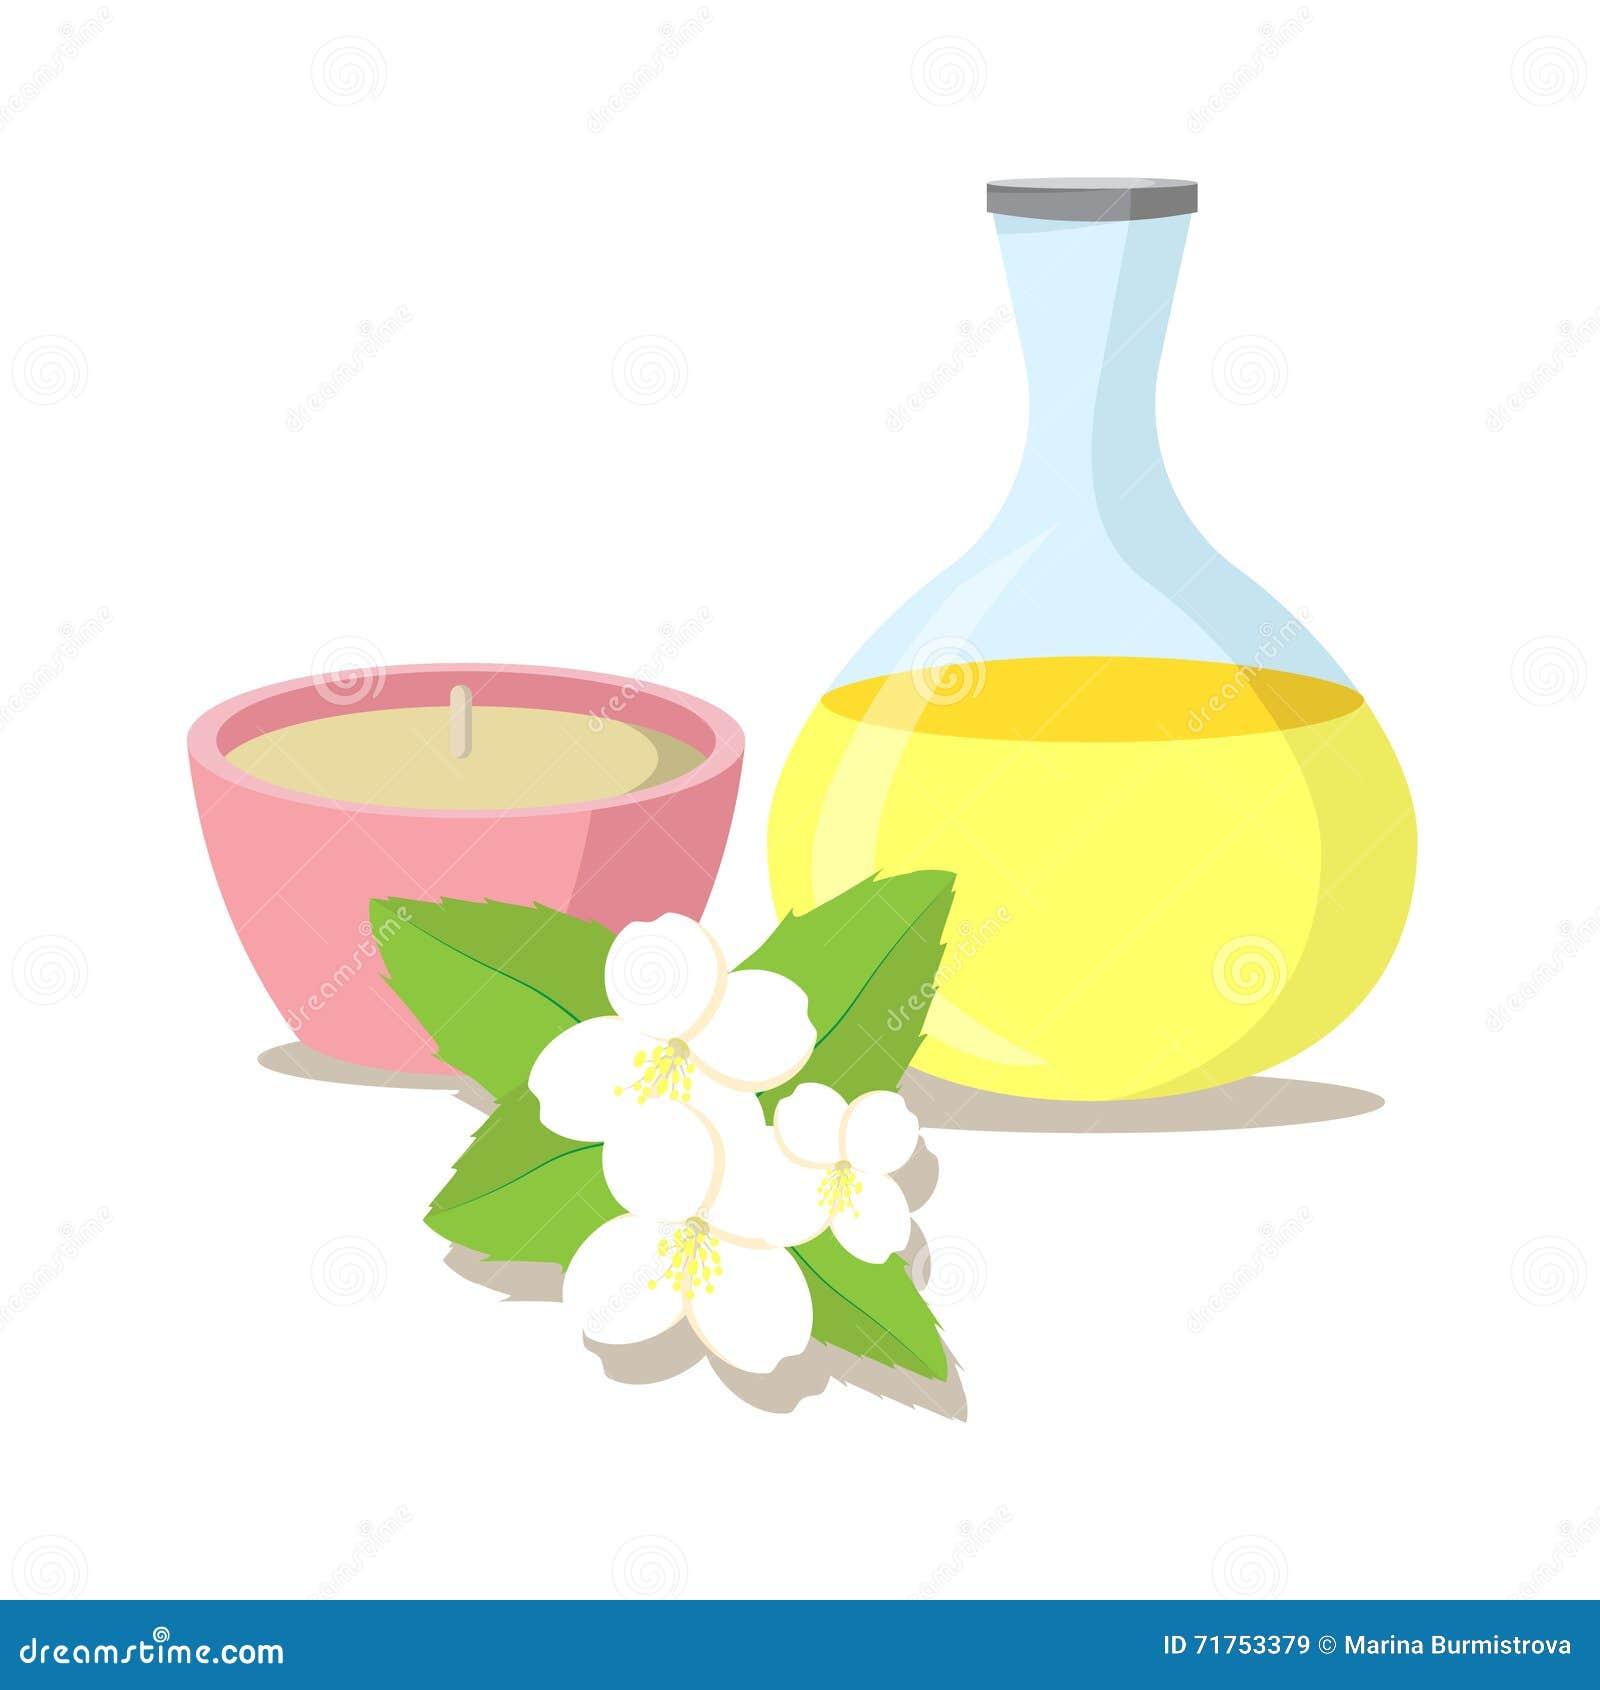 Διανυσματική απεικόνιση του ουσιαστικού πετρελαίου jasmine